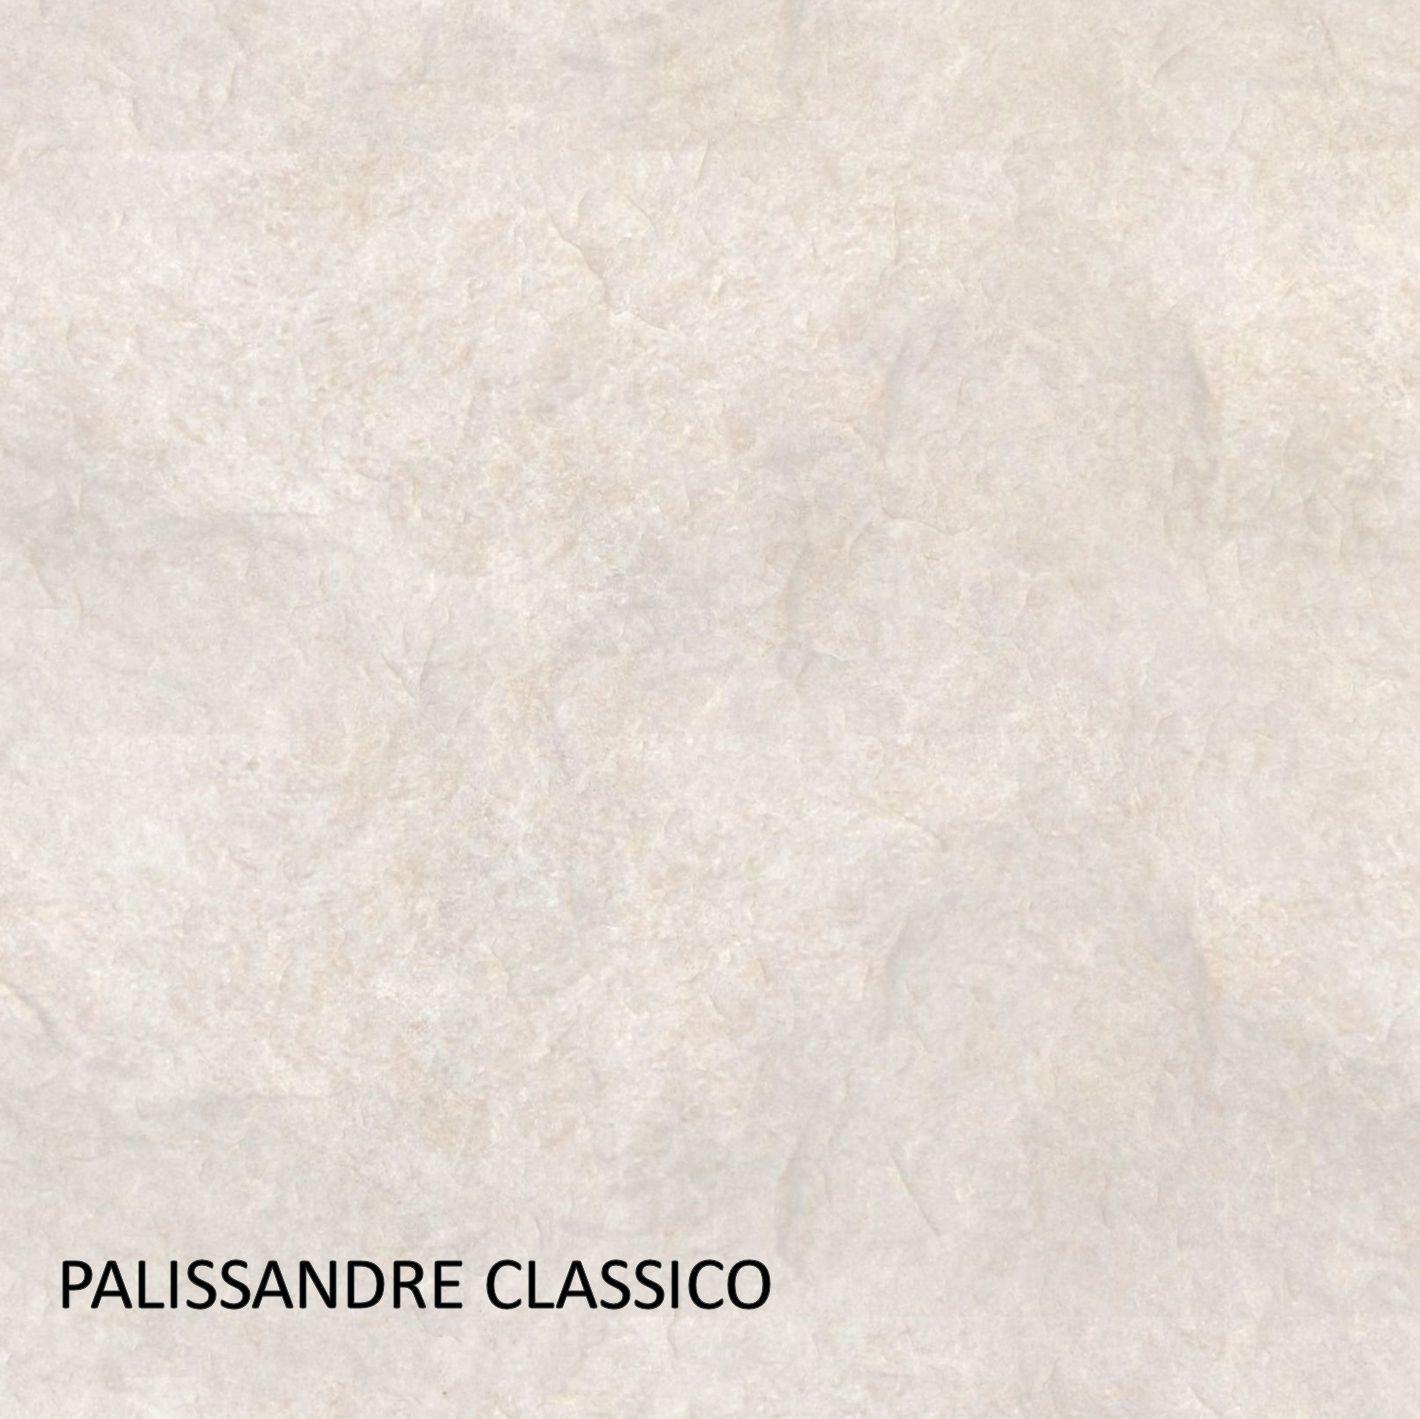 Palissandre-Klassiker